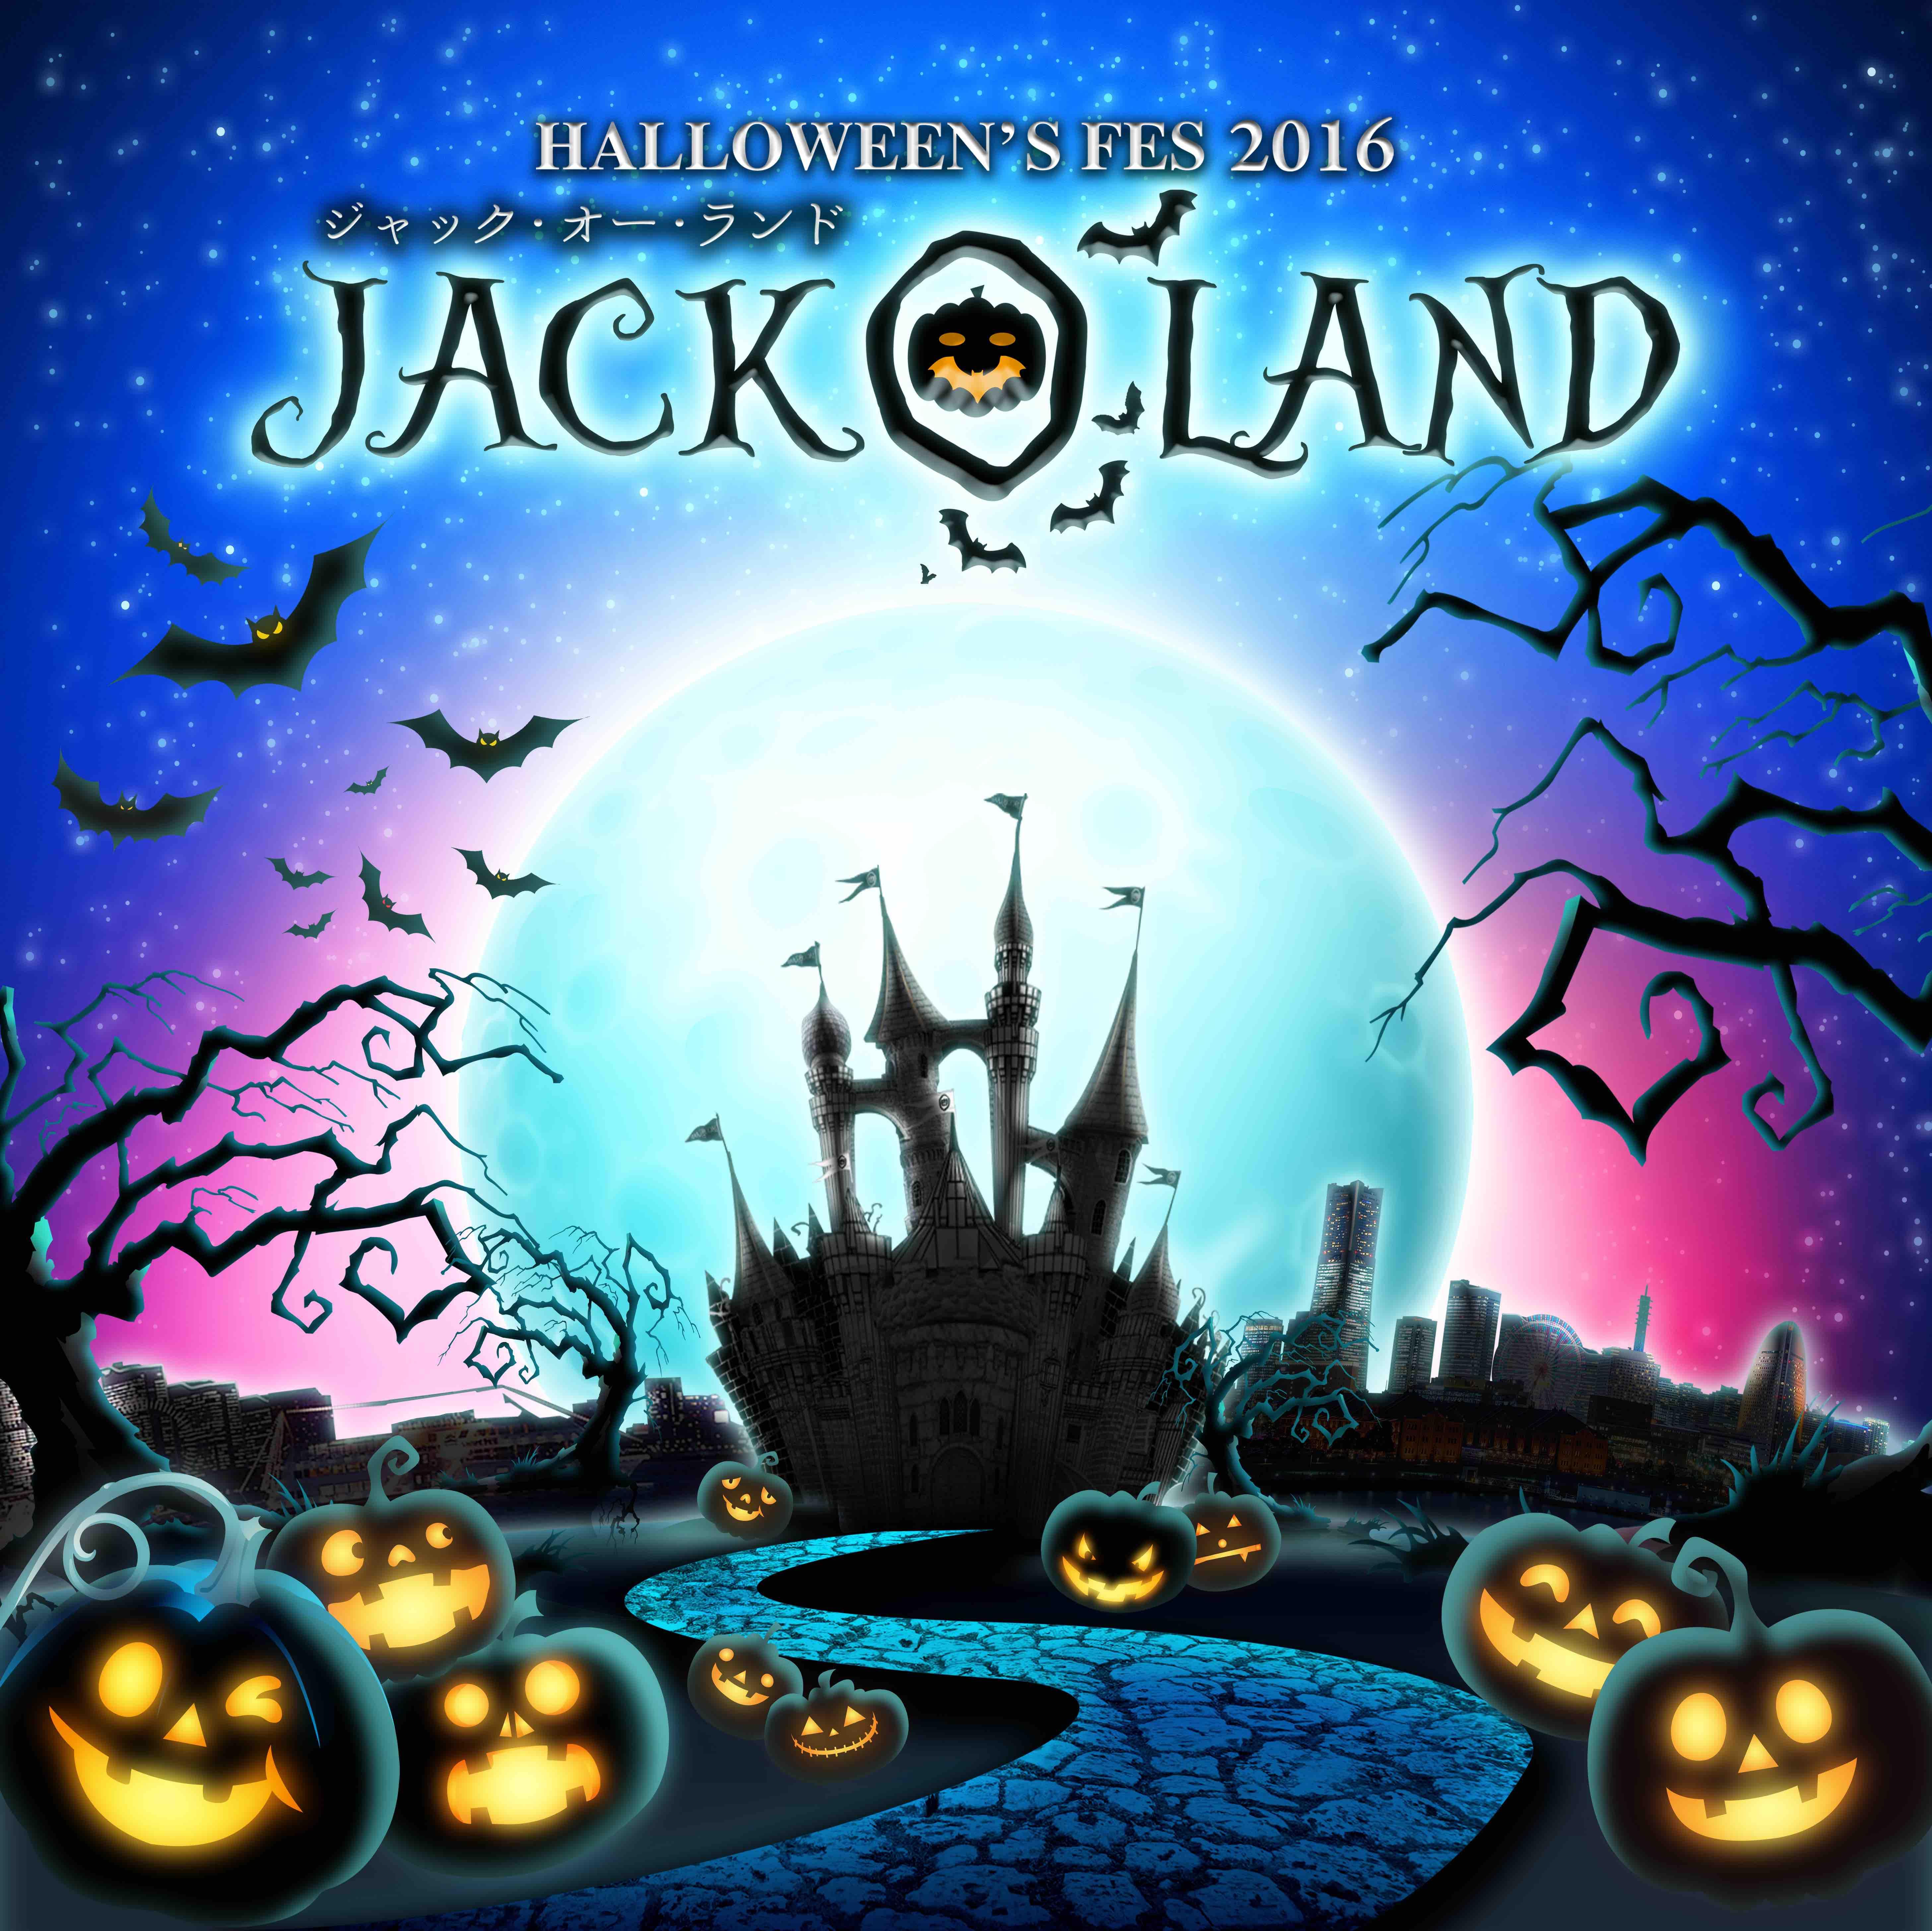 10月29日、30日 イベント「ジャック・オー・ランド(JACK-O-LAND)」にマグ・フォーマー体験コーナーが出現します